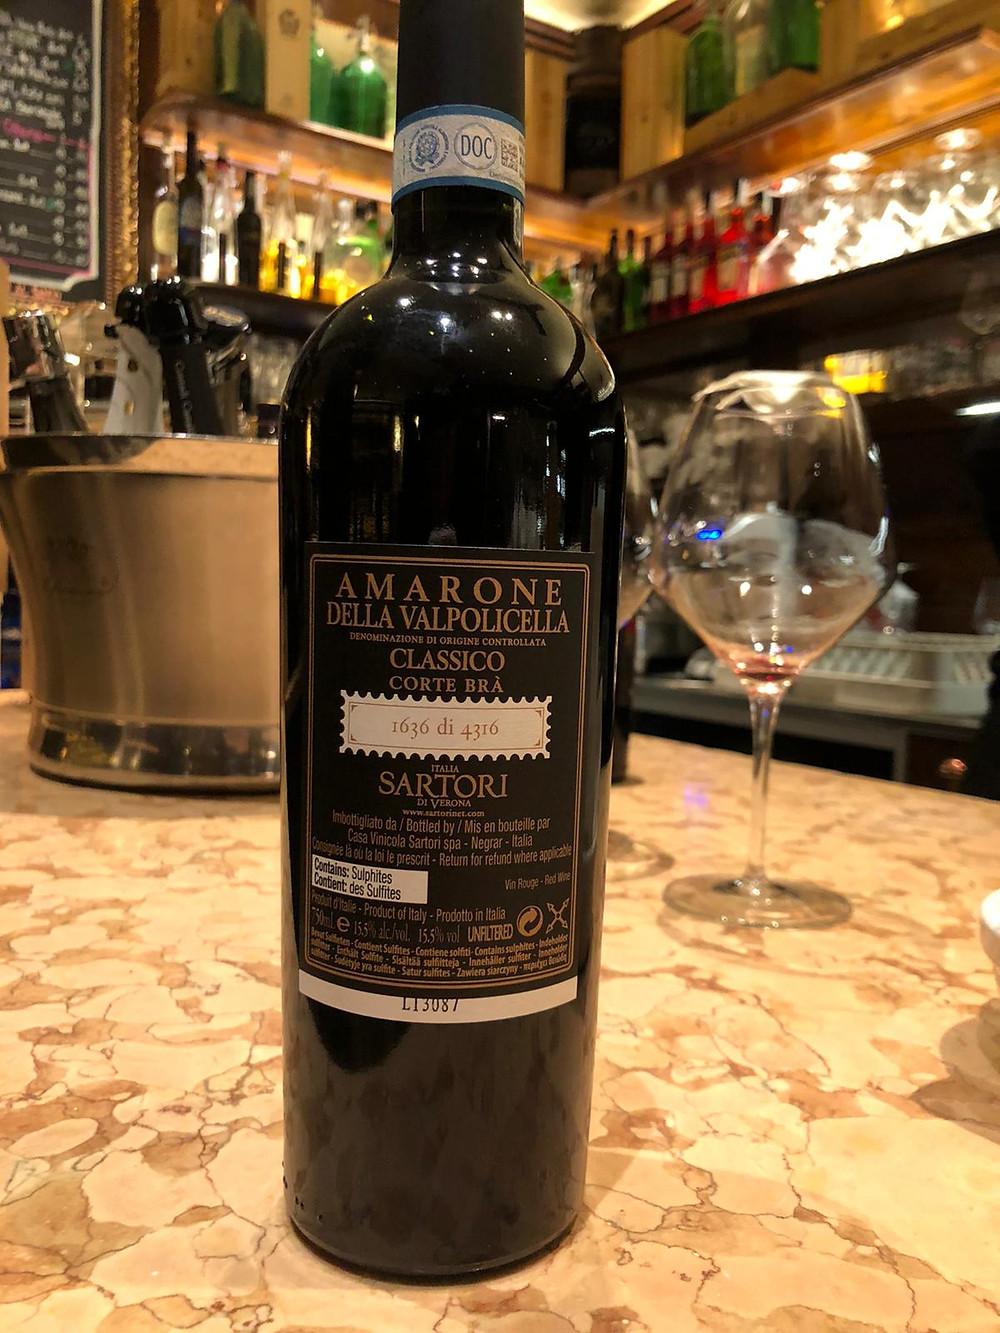 Amarone Corte Bra Sartori Heritage Collection 2009 all'Osteria Caffè Monte Baldo